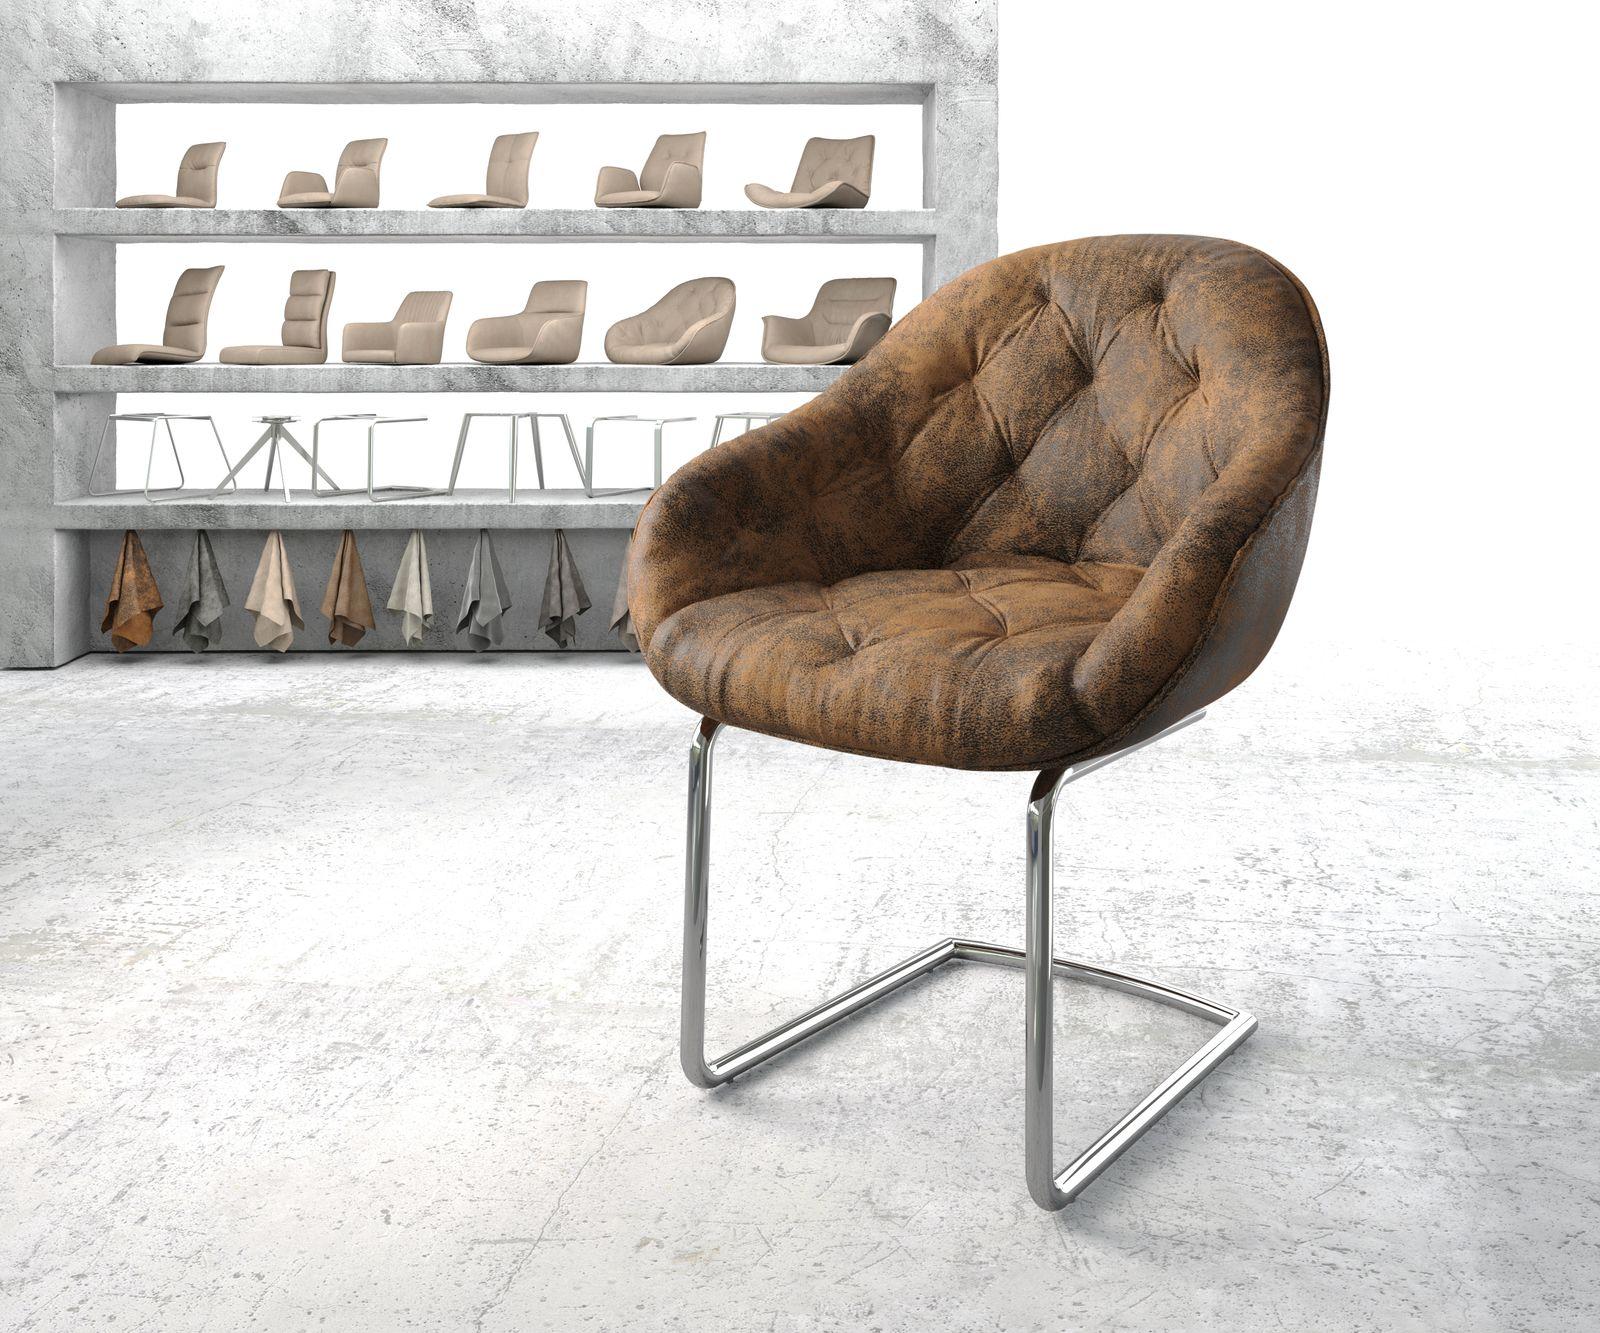 delife-armlehnstuhl-gaio-flex-braun-vintage-freischwinger-rund-verchromt-esszimmerstuhle